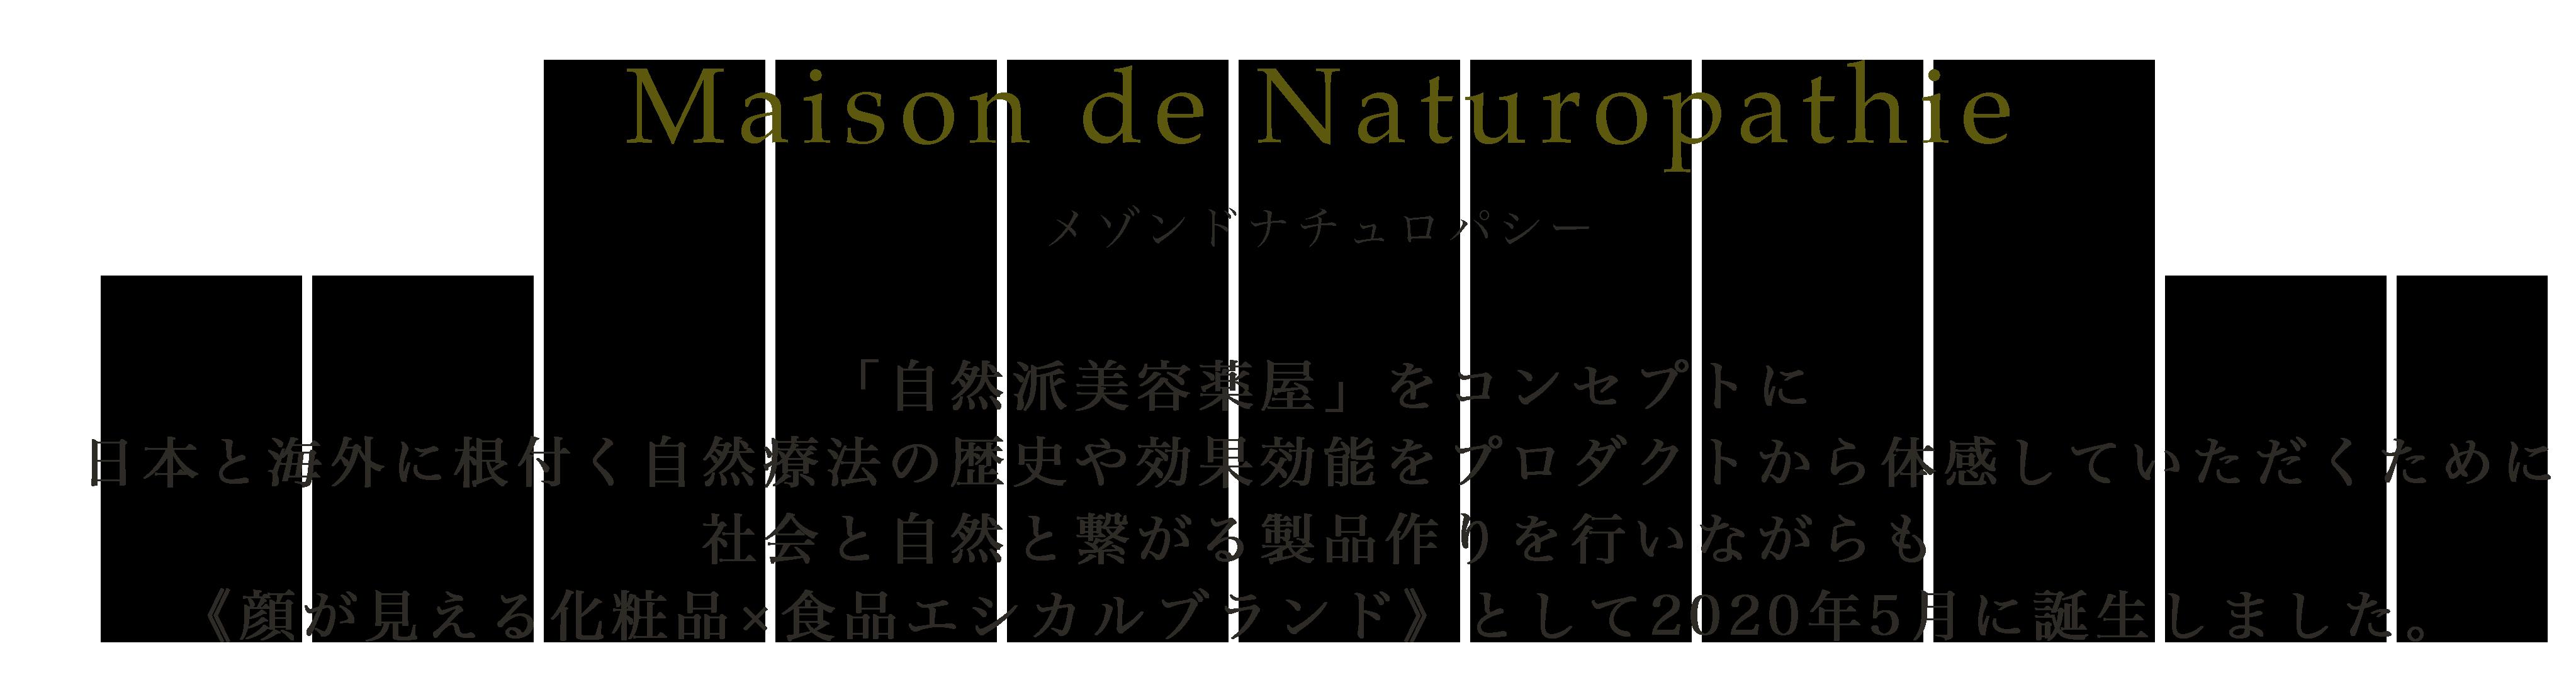 Maison de Naturopathie